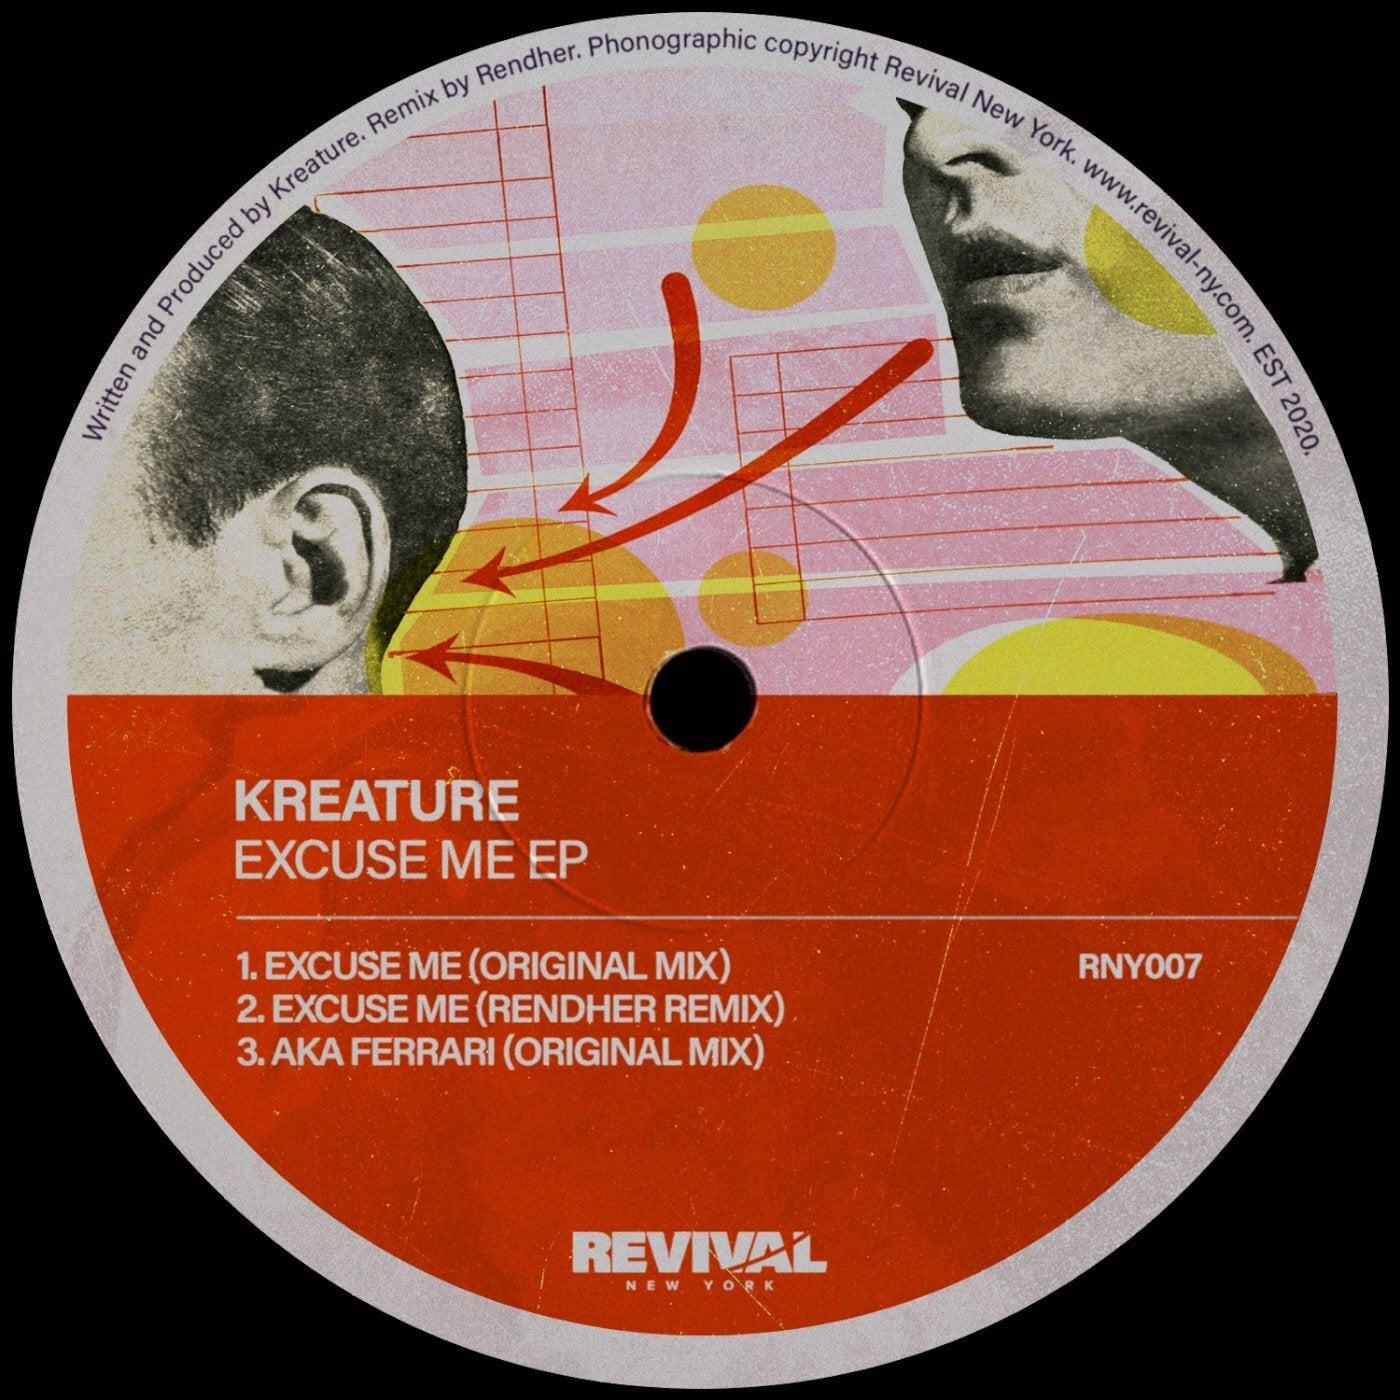 Excuse Me (Rendher Remix)